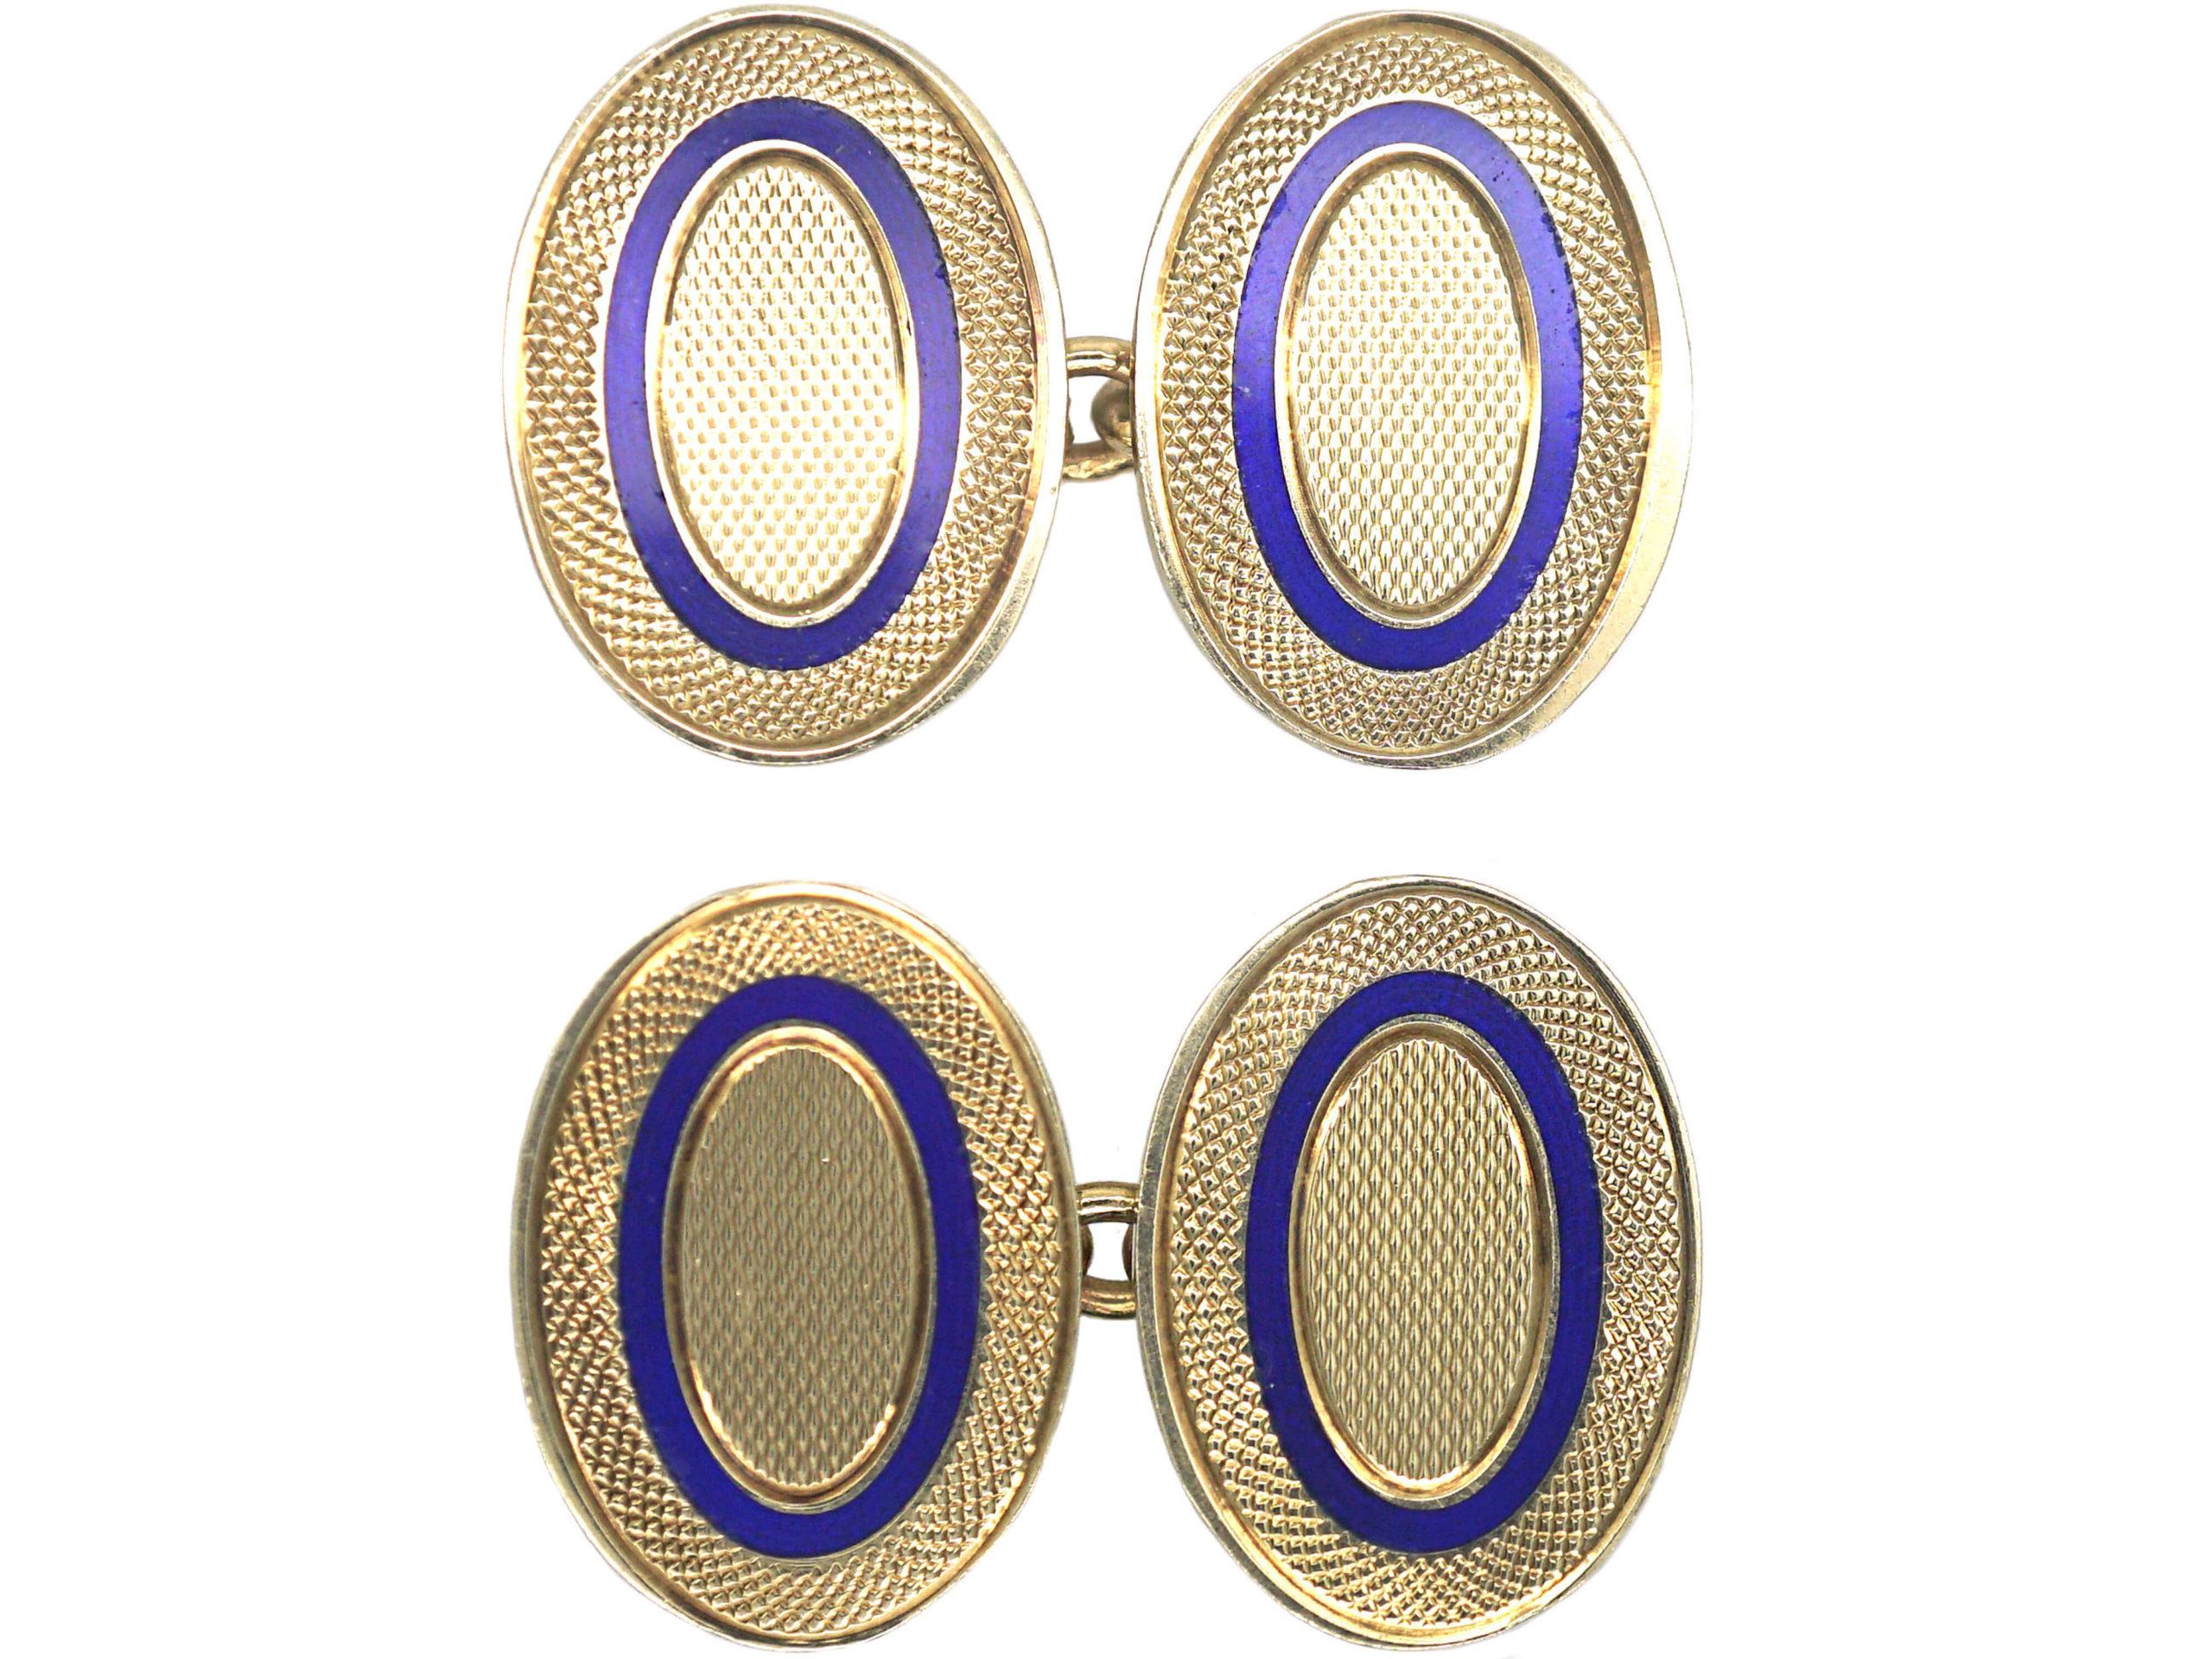 9ct Gold & Blue Enamel Oval Cufflinks